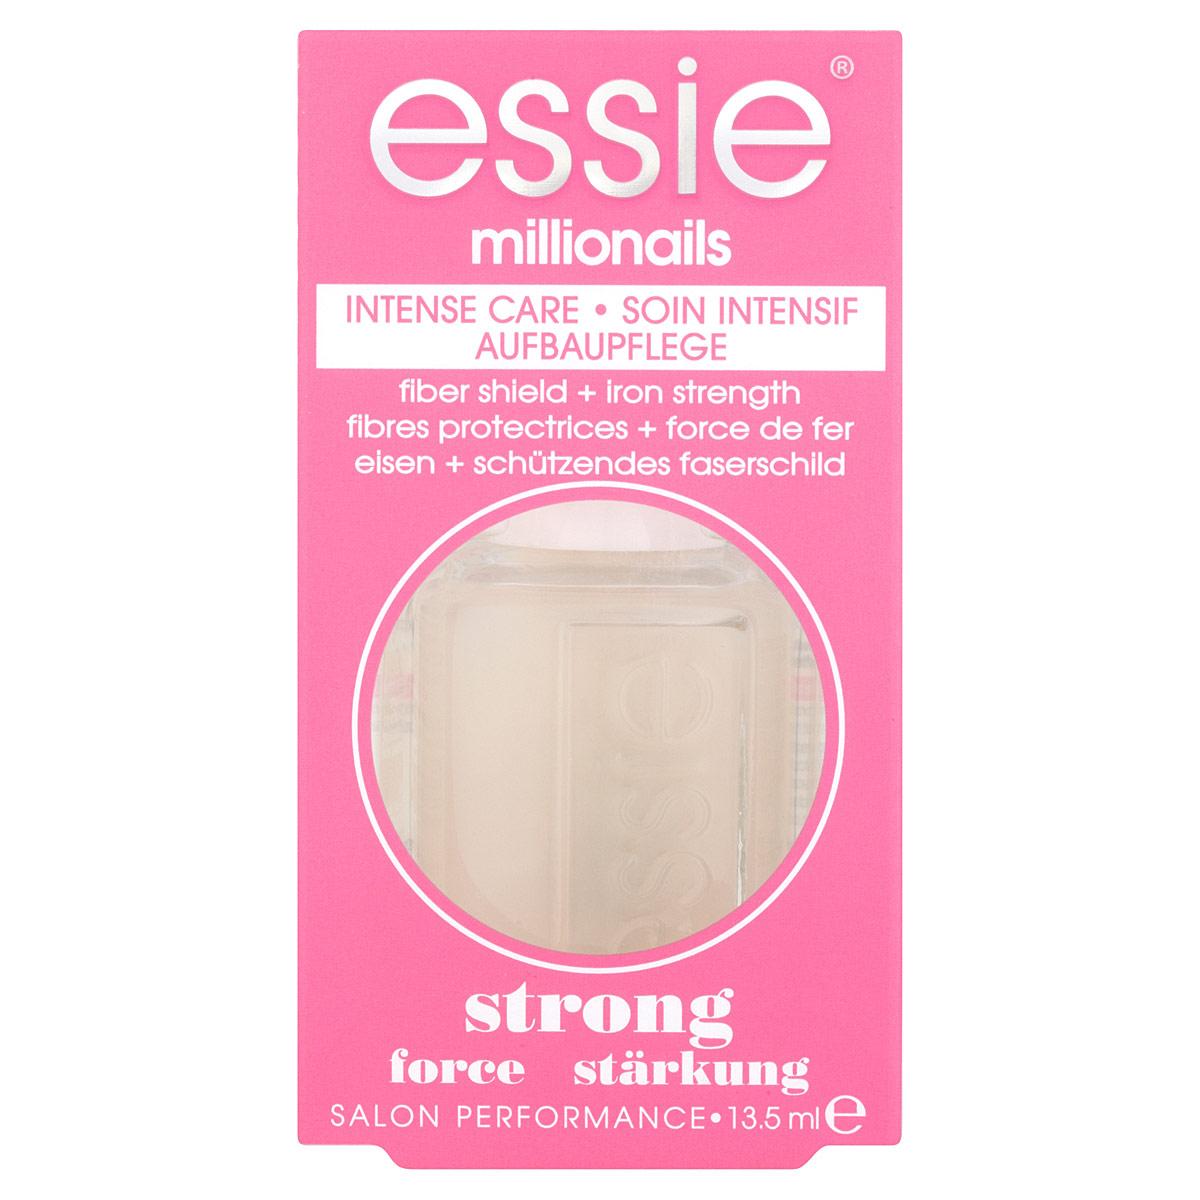 Essie Основа и уход для ногтей Millionails, укрепляющая, 13,5 млB2255602Основа и уход для укрепления Essie Millionails предназначена для мягких и слабых ногтей. Объем: 13,5 мл. Товар сертифицирован.